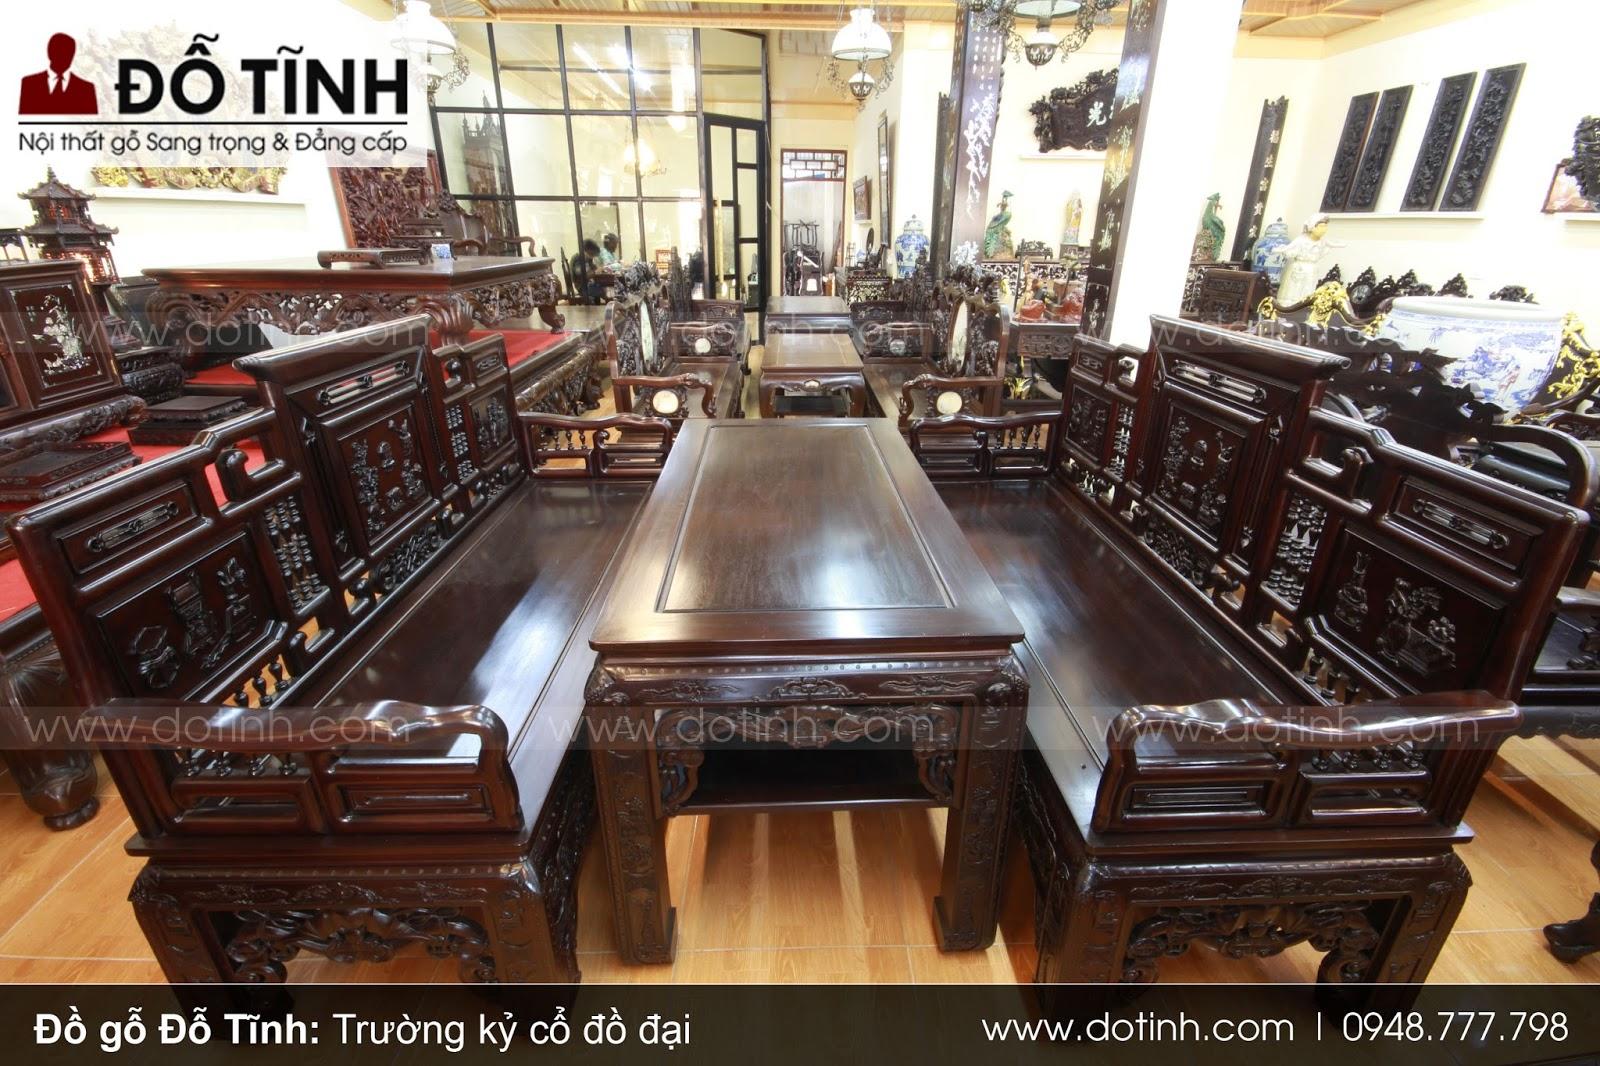 Địa chỉ mua trường kỷ đẹp tại Nha Trang chính hiệu